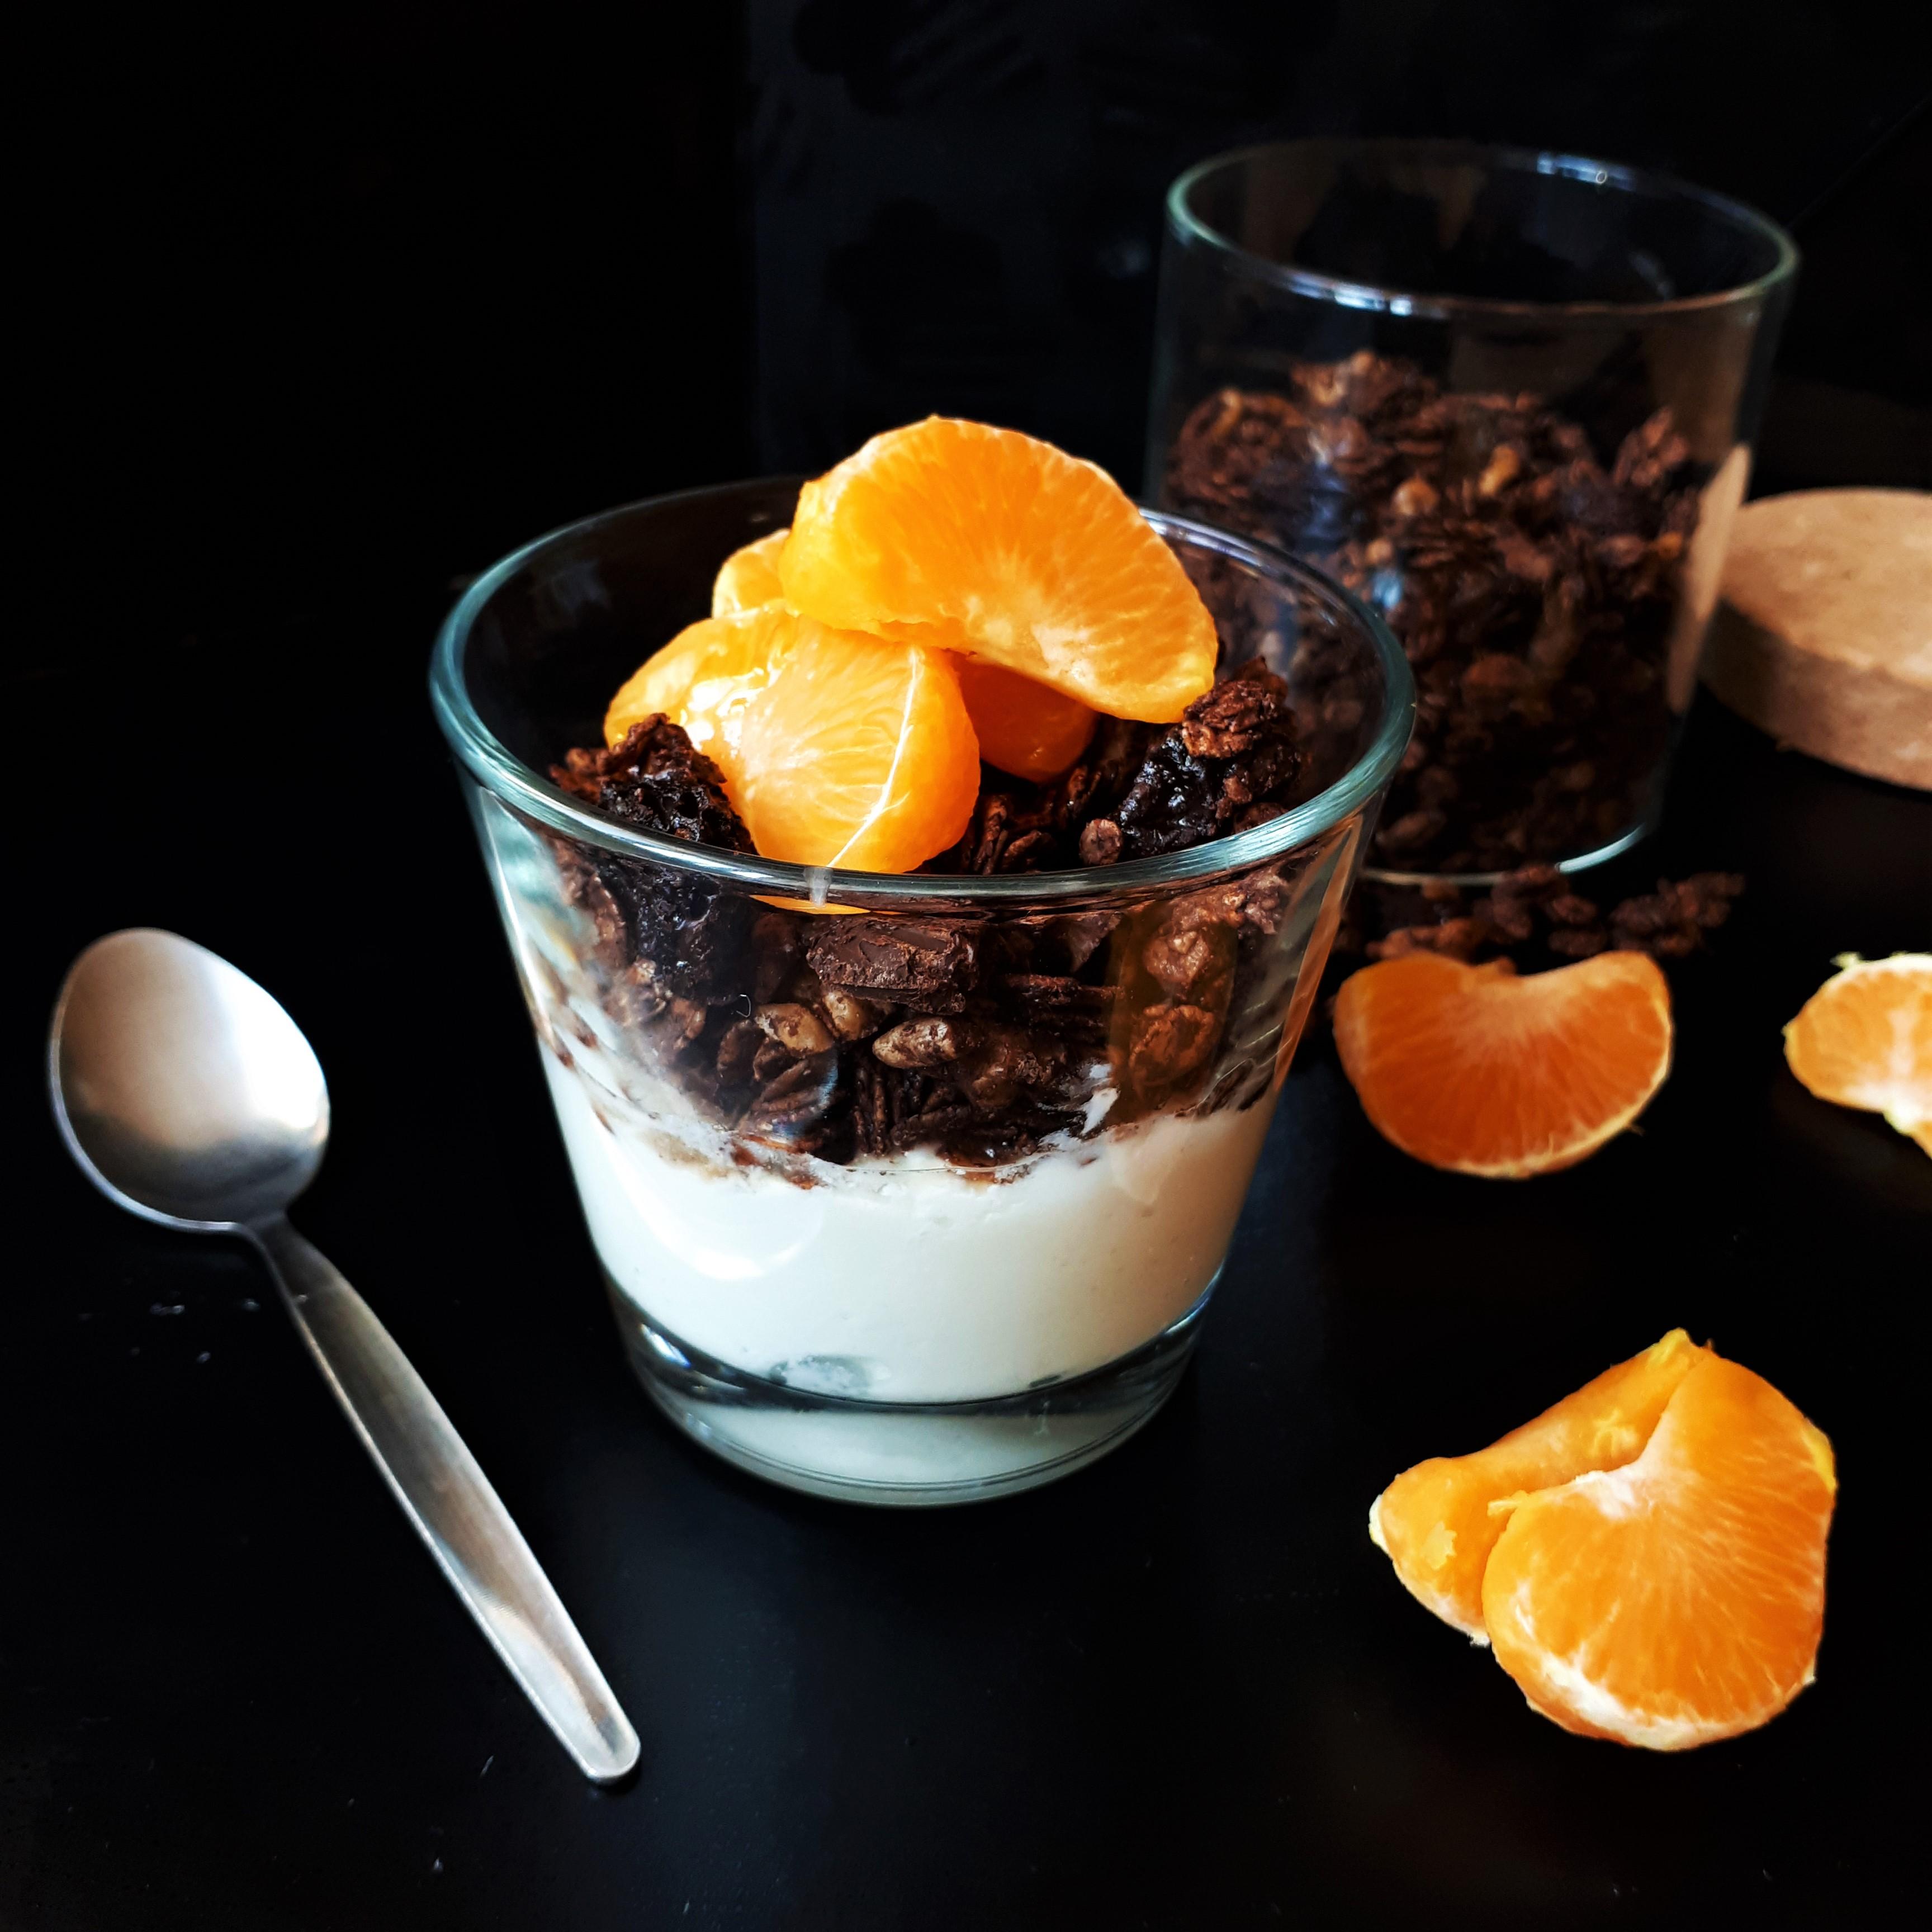 Pohár na dnes jogurt na ňom vrstva domácej čokoládovej granoly s hrozienkami a orechmi tri mesiačiky mandarinky poliate javorovým sirupom lyžička okolo mesiačiky mandarinky v pozadí sklenená dóza so zvyšnou granolou trochu rozsypanej granoly čierne pozadie